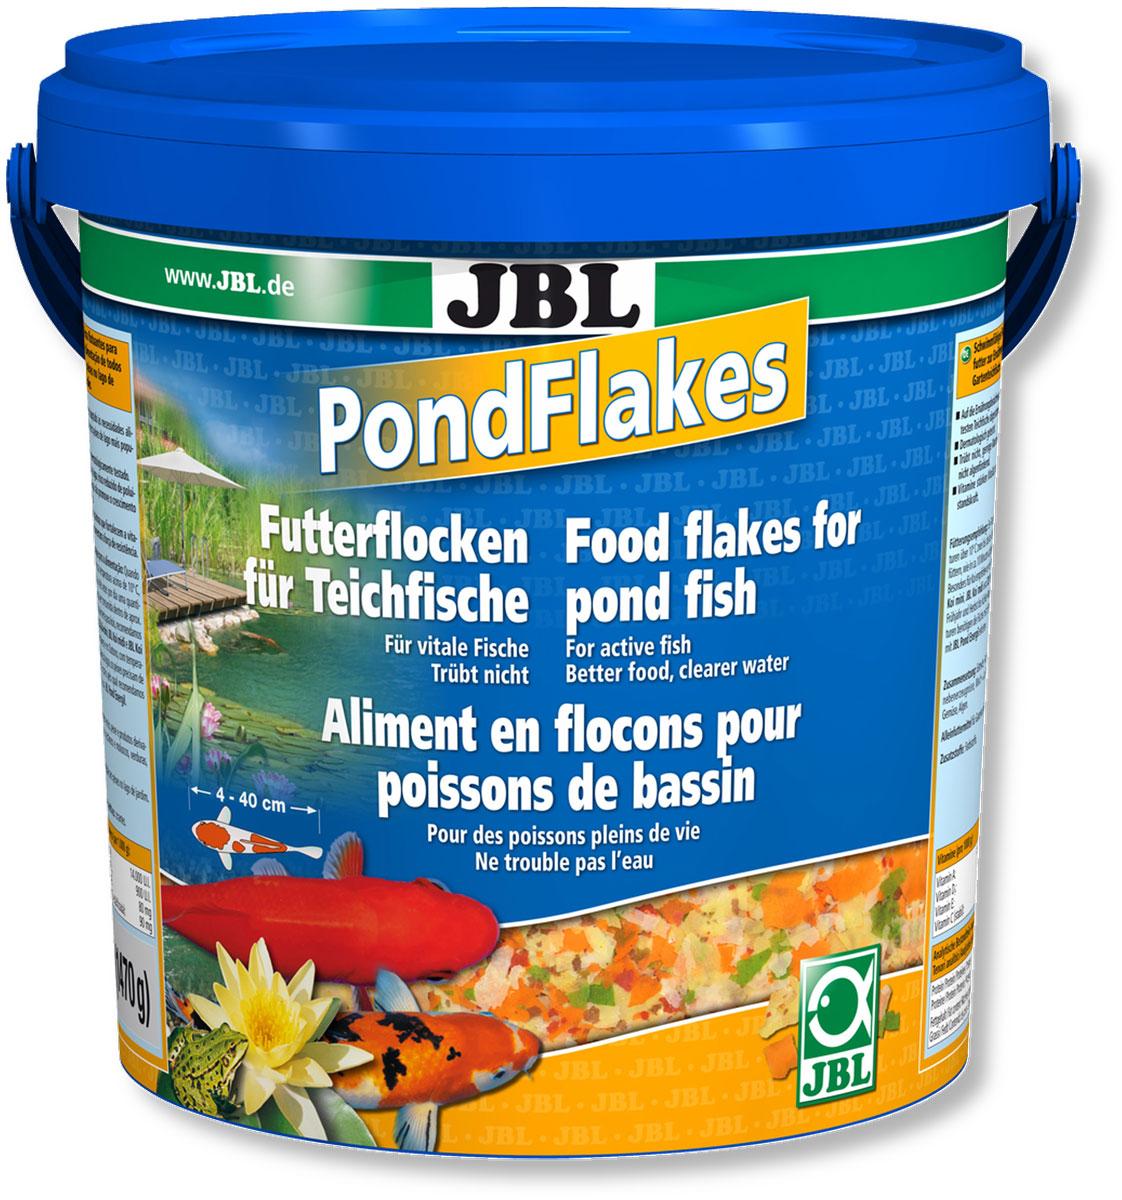 Корм JBL Pond Flakes для прудовых рыб, в форме хлопьев, 1,47 кг (10,5 л)JBL4019900Основной корм JBL Pond Flakes предназначен для всех прудовых рыб от 4 до 40 см в длину. Смесь различных высокоценных и легкоусваиваемых хлопьев, которая составлена с учетом питательных потребностей большинства рыб, обитающих в садовом пруду, в теплое время года. Корм содержит все необходимые компоненты полноценного питания, такие как белок, углеводы, пищевые волокна, и жир в сбалансированном соотношении. Плавающие хлопья охотно поглощаются рыбами всех размеров. Жизненно важные витамины укрепляют иммунитет. Рекомендации по кормлению: в теплое время года 1-2 раза в день столько корма, сколько может быть съедено в течении 10 минут. Состав: рыба и рыбные побочные продукты, растительные побочные продукты, овощи, злаки, моллюски и ракообразные. Анализ: белок - 12%, жир - 2%, клетчатка - 1%, зола - 1,5%. Содержание витаминов на 1 кг: Витамин А 14000 IE, Витамин D3 900 IE, Витамин Е 80 мг, Витамин С 90 мг. Товар...